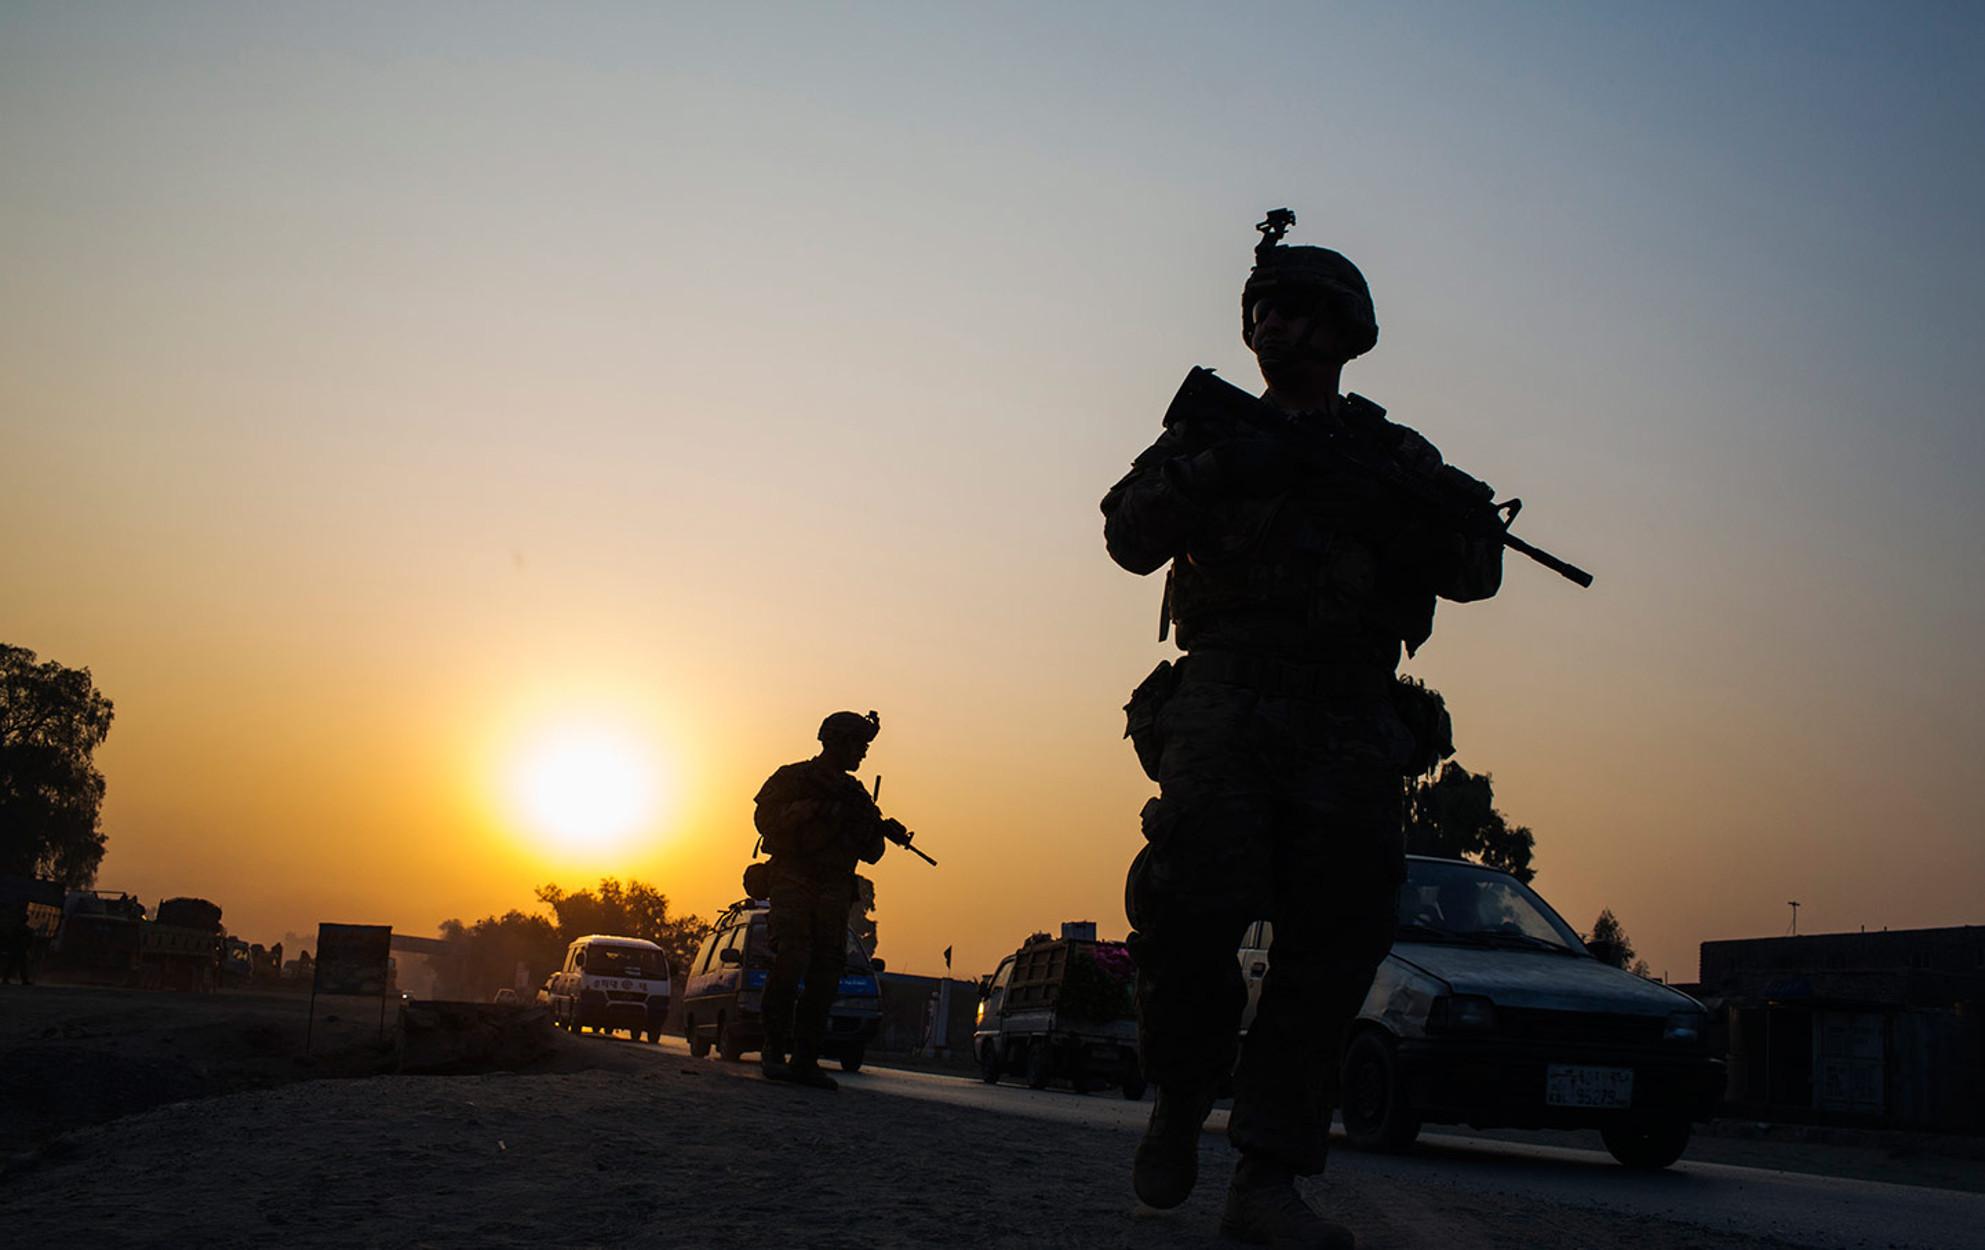 Αφγανιστάν: Συνεργάτες της CIA δολοφονούν αμάχους χωρίς κανέναν έλεγχο